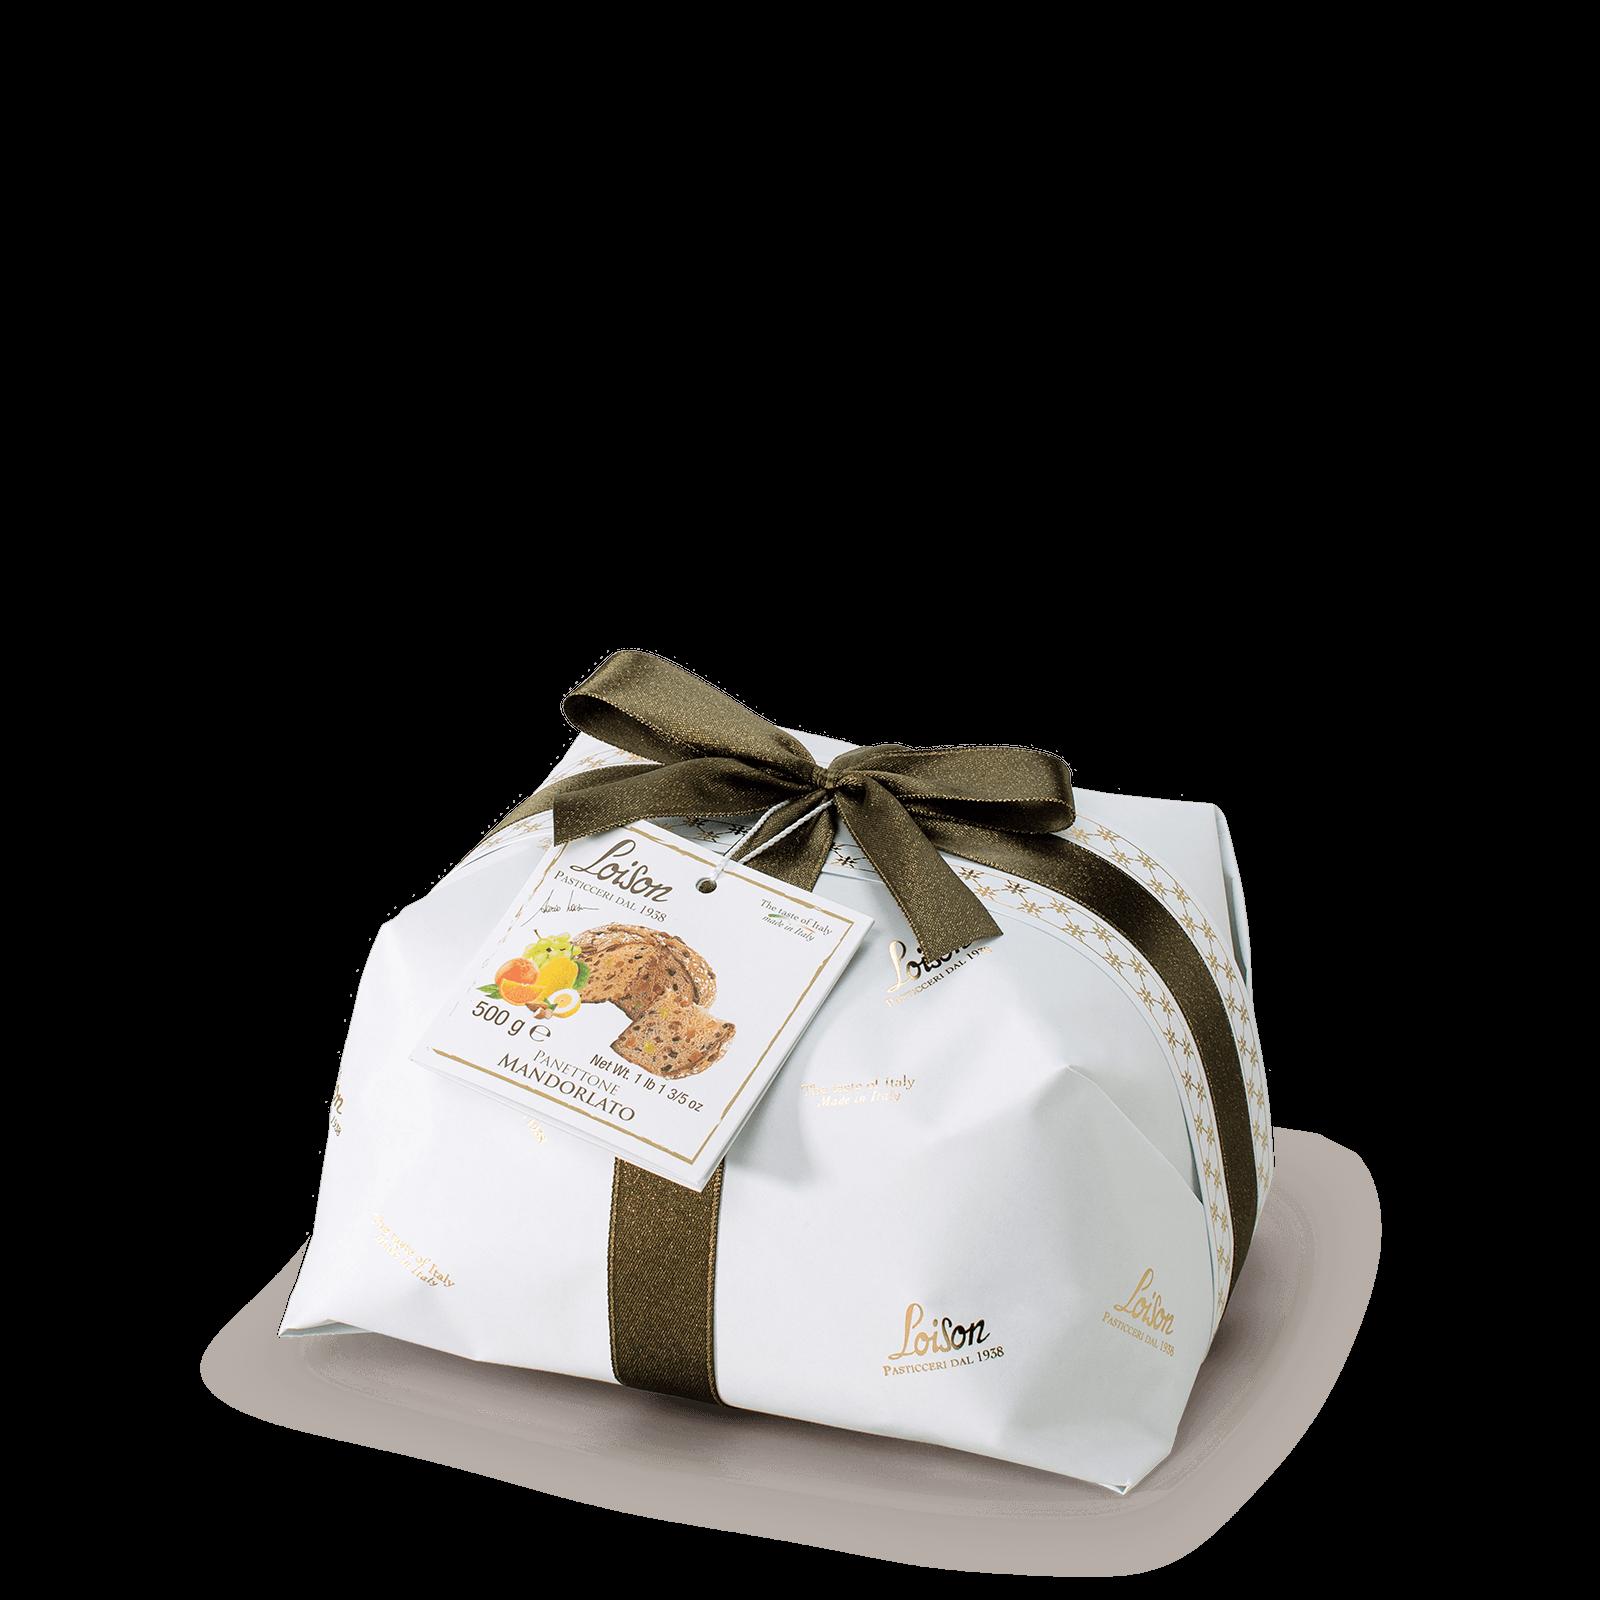 Panettone aux amandes grillées - Royal Loison